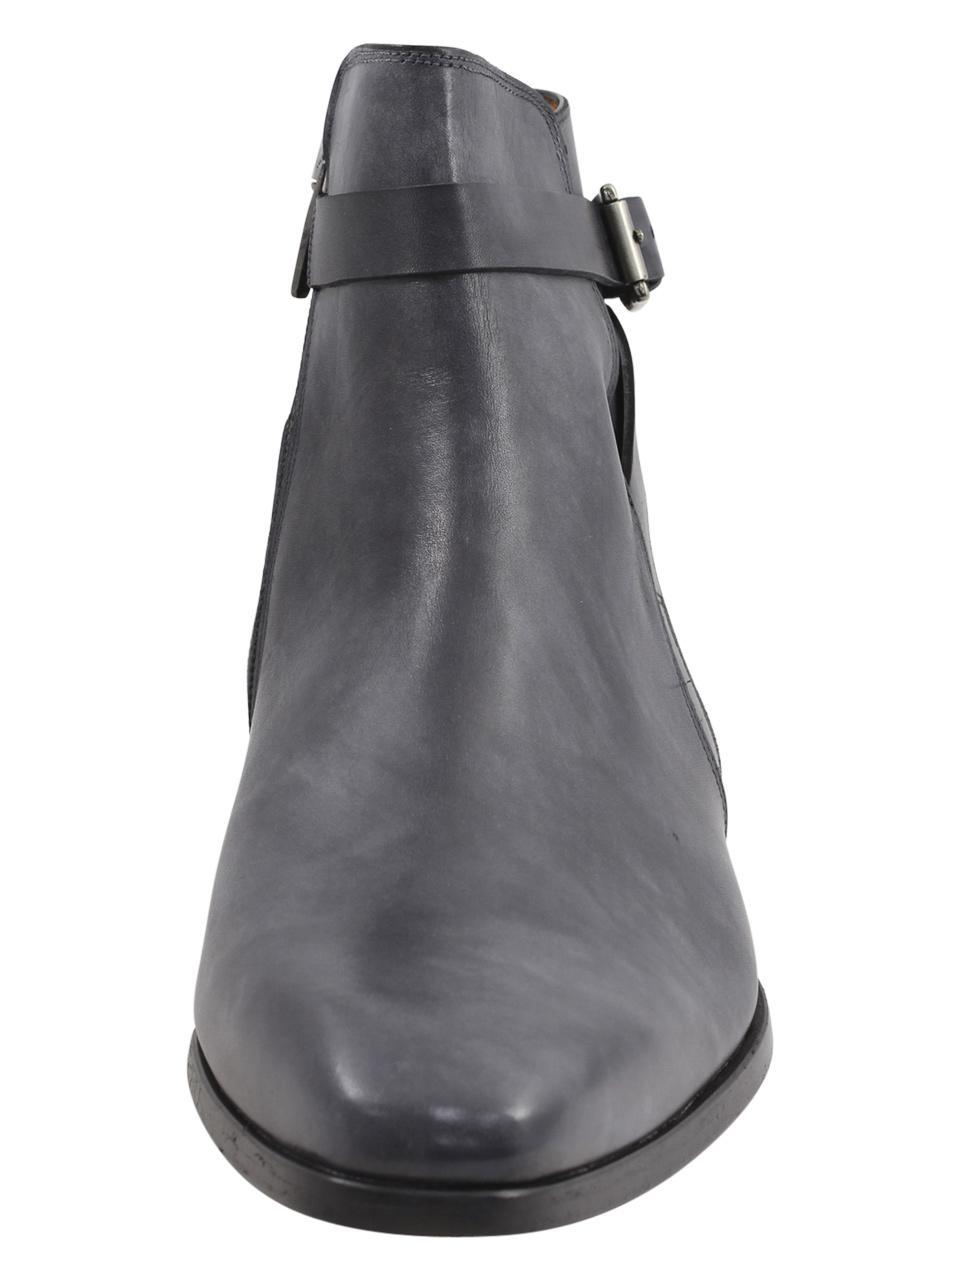 9ce19d4a976 Mezlan Men's Viso Leather Ankle Boots Shoes